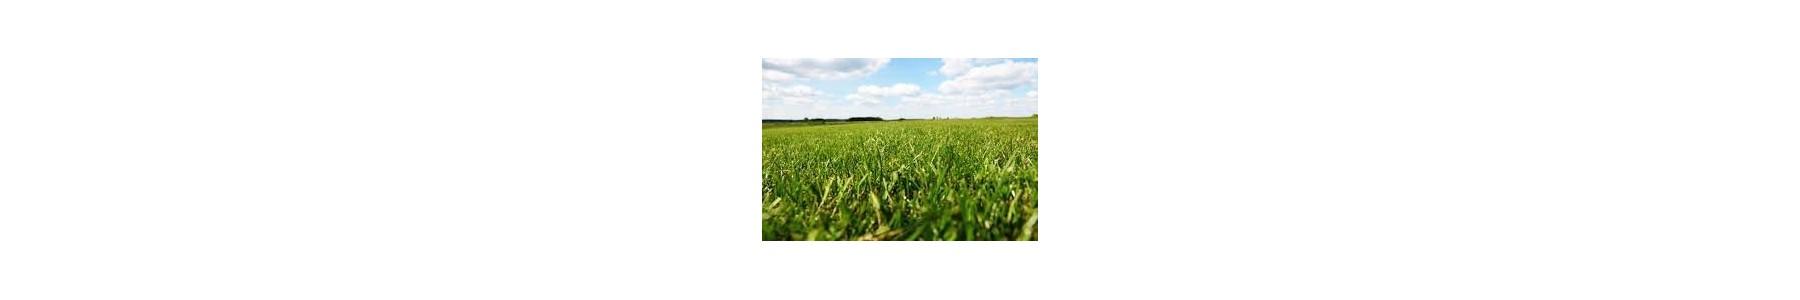 Nasiona traw - zielony trawnik na boiska sportowe i pola golfowe